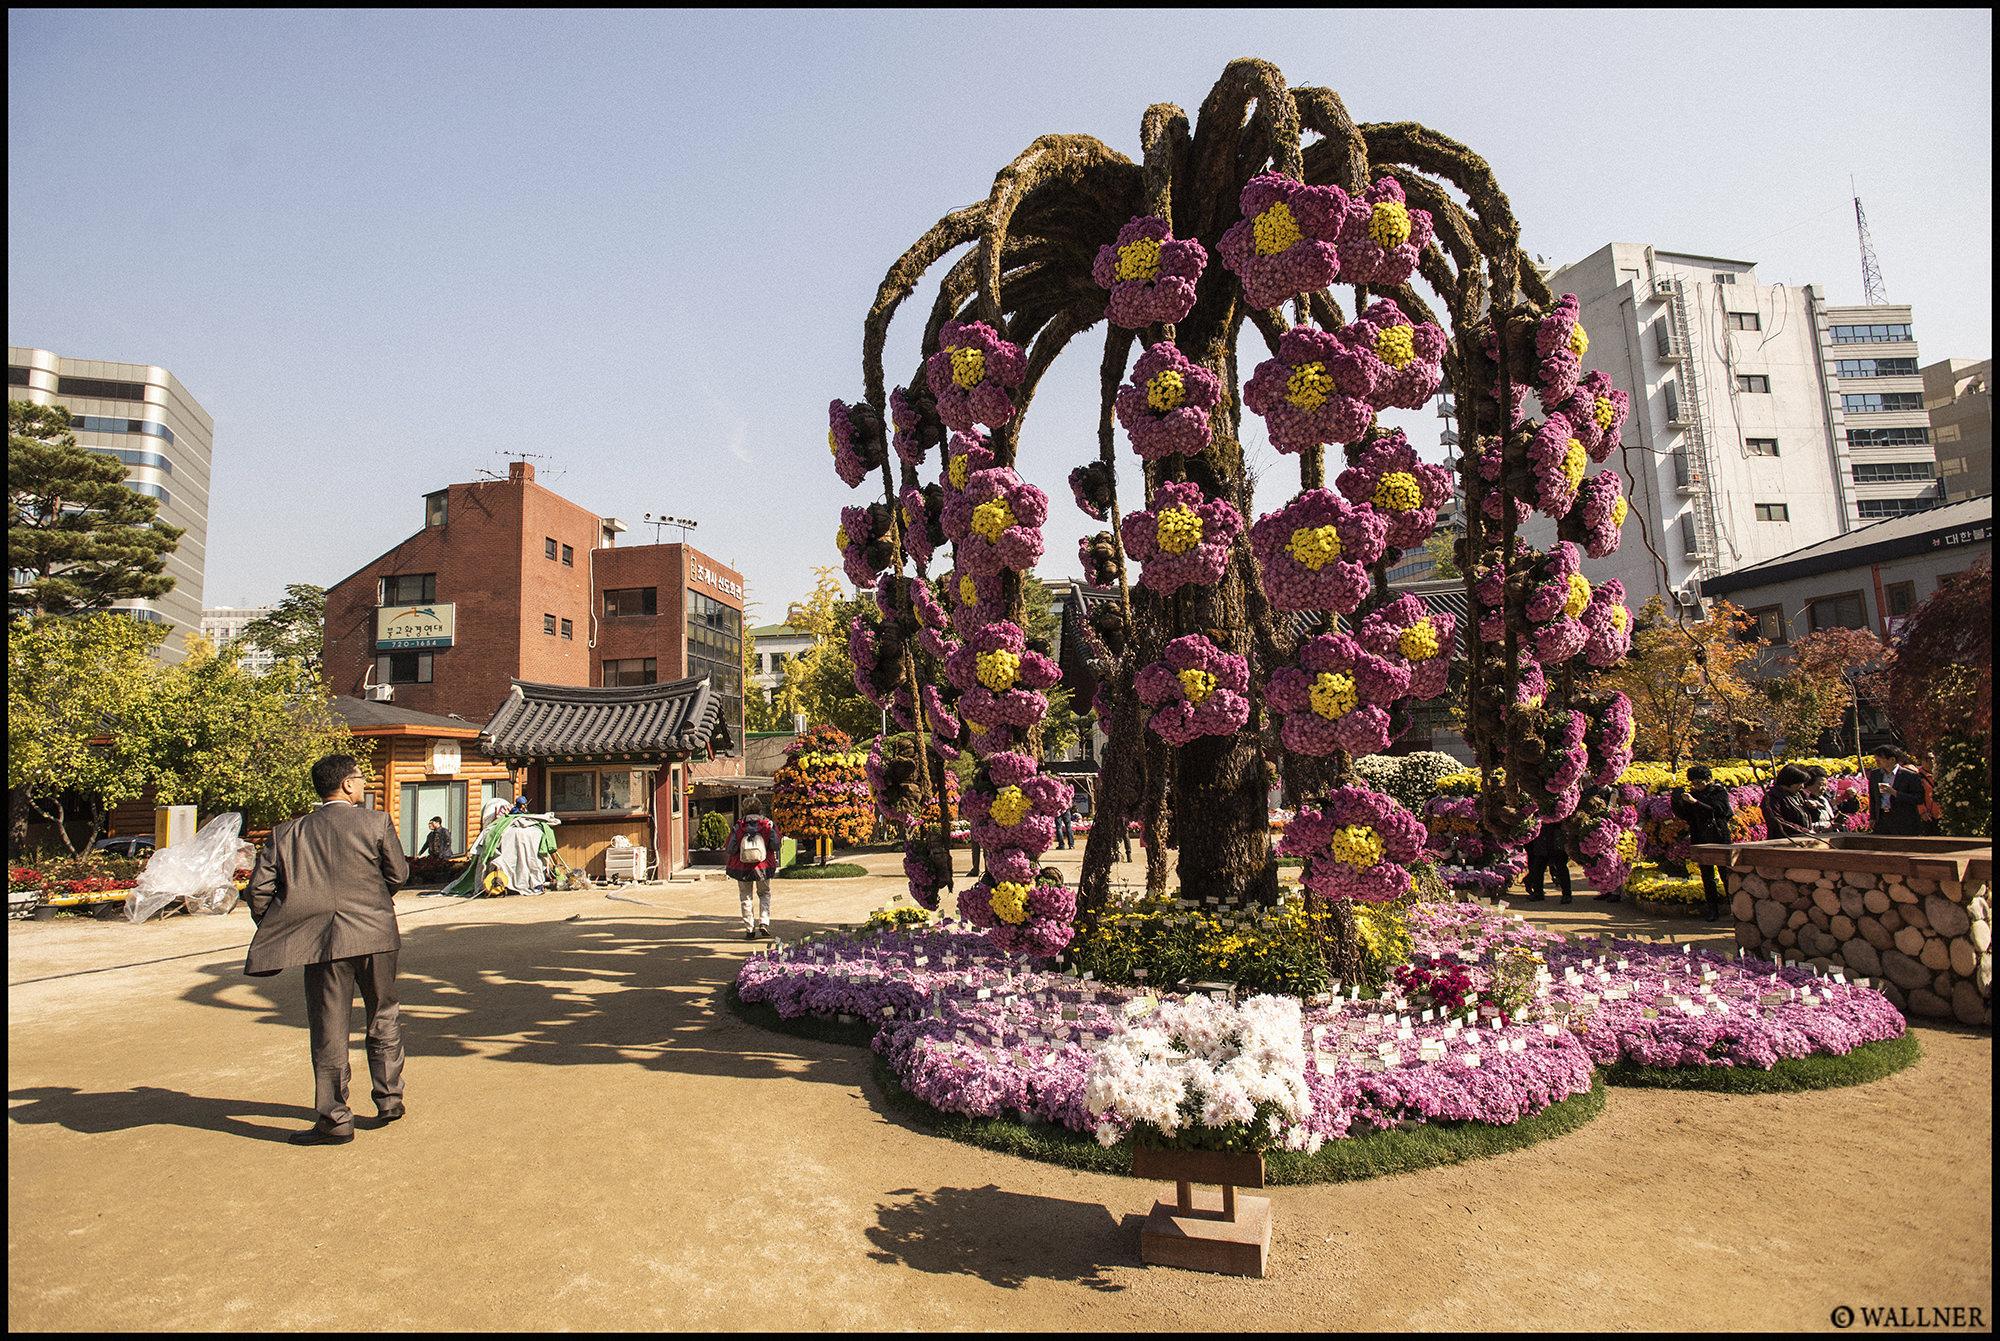 Digital Patrik Wallner Seoul Flower Tree LOWQ 2000P w WM